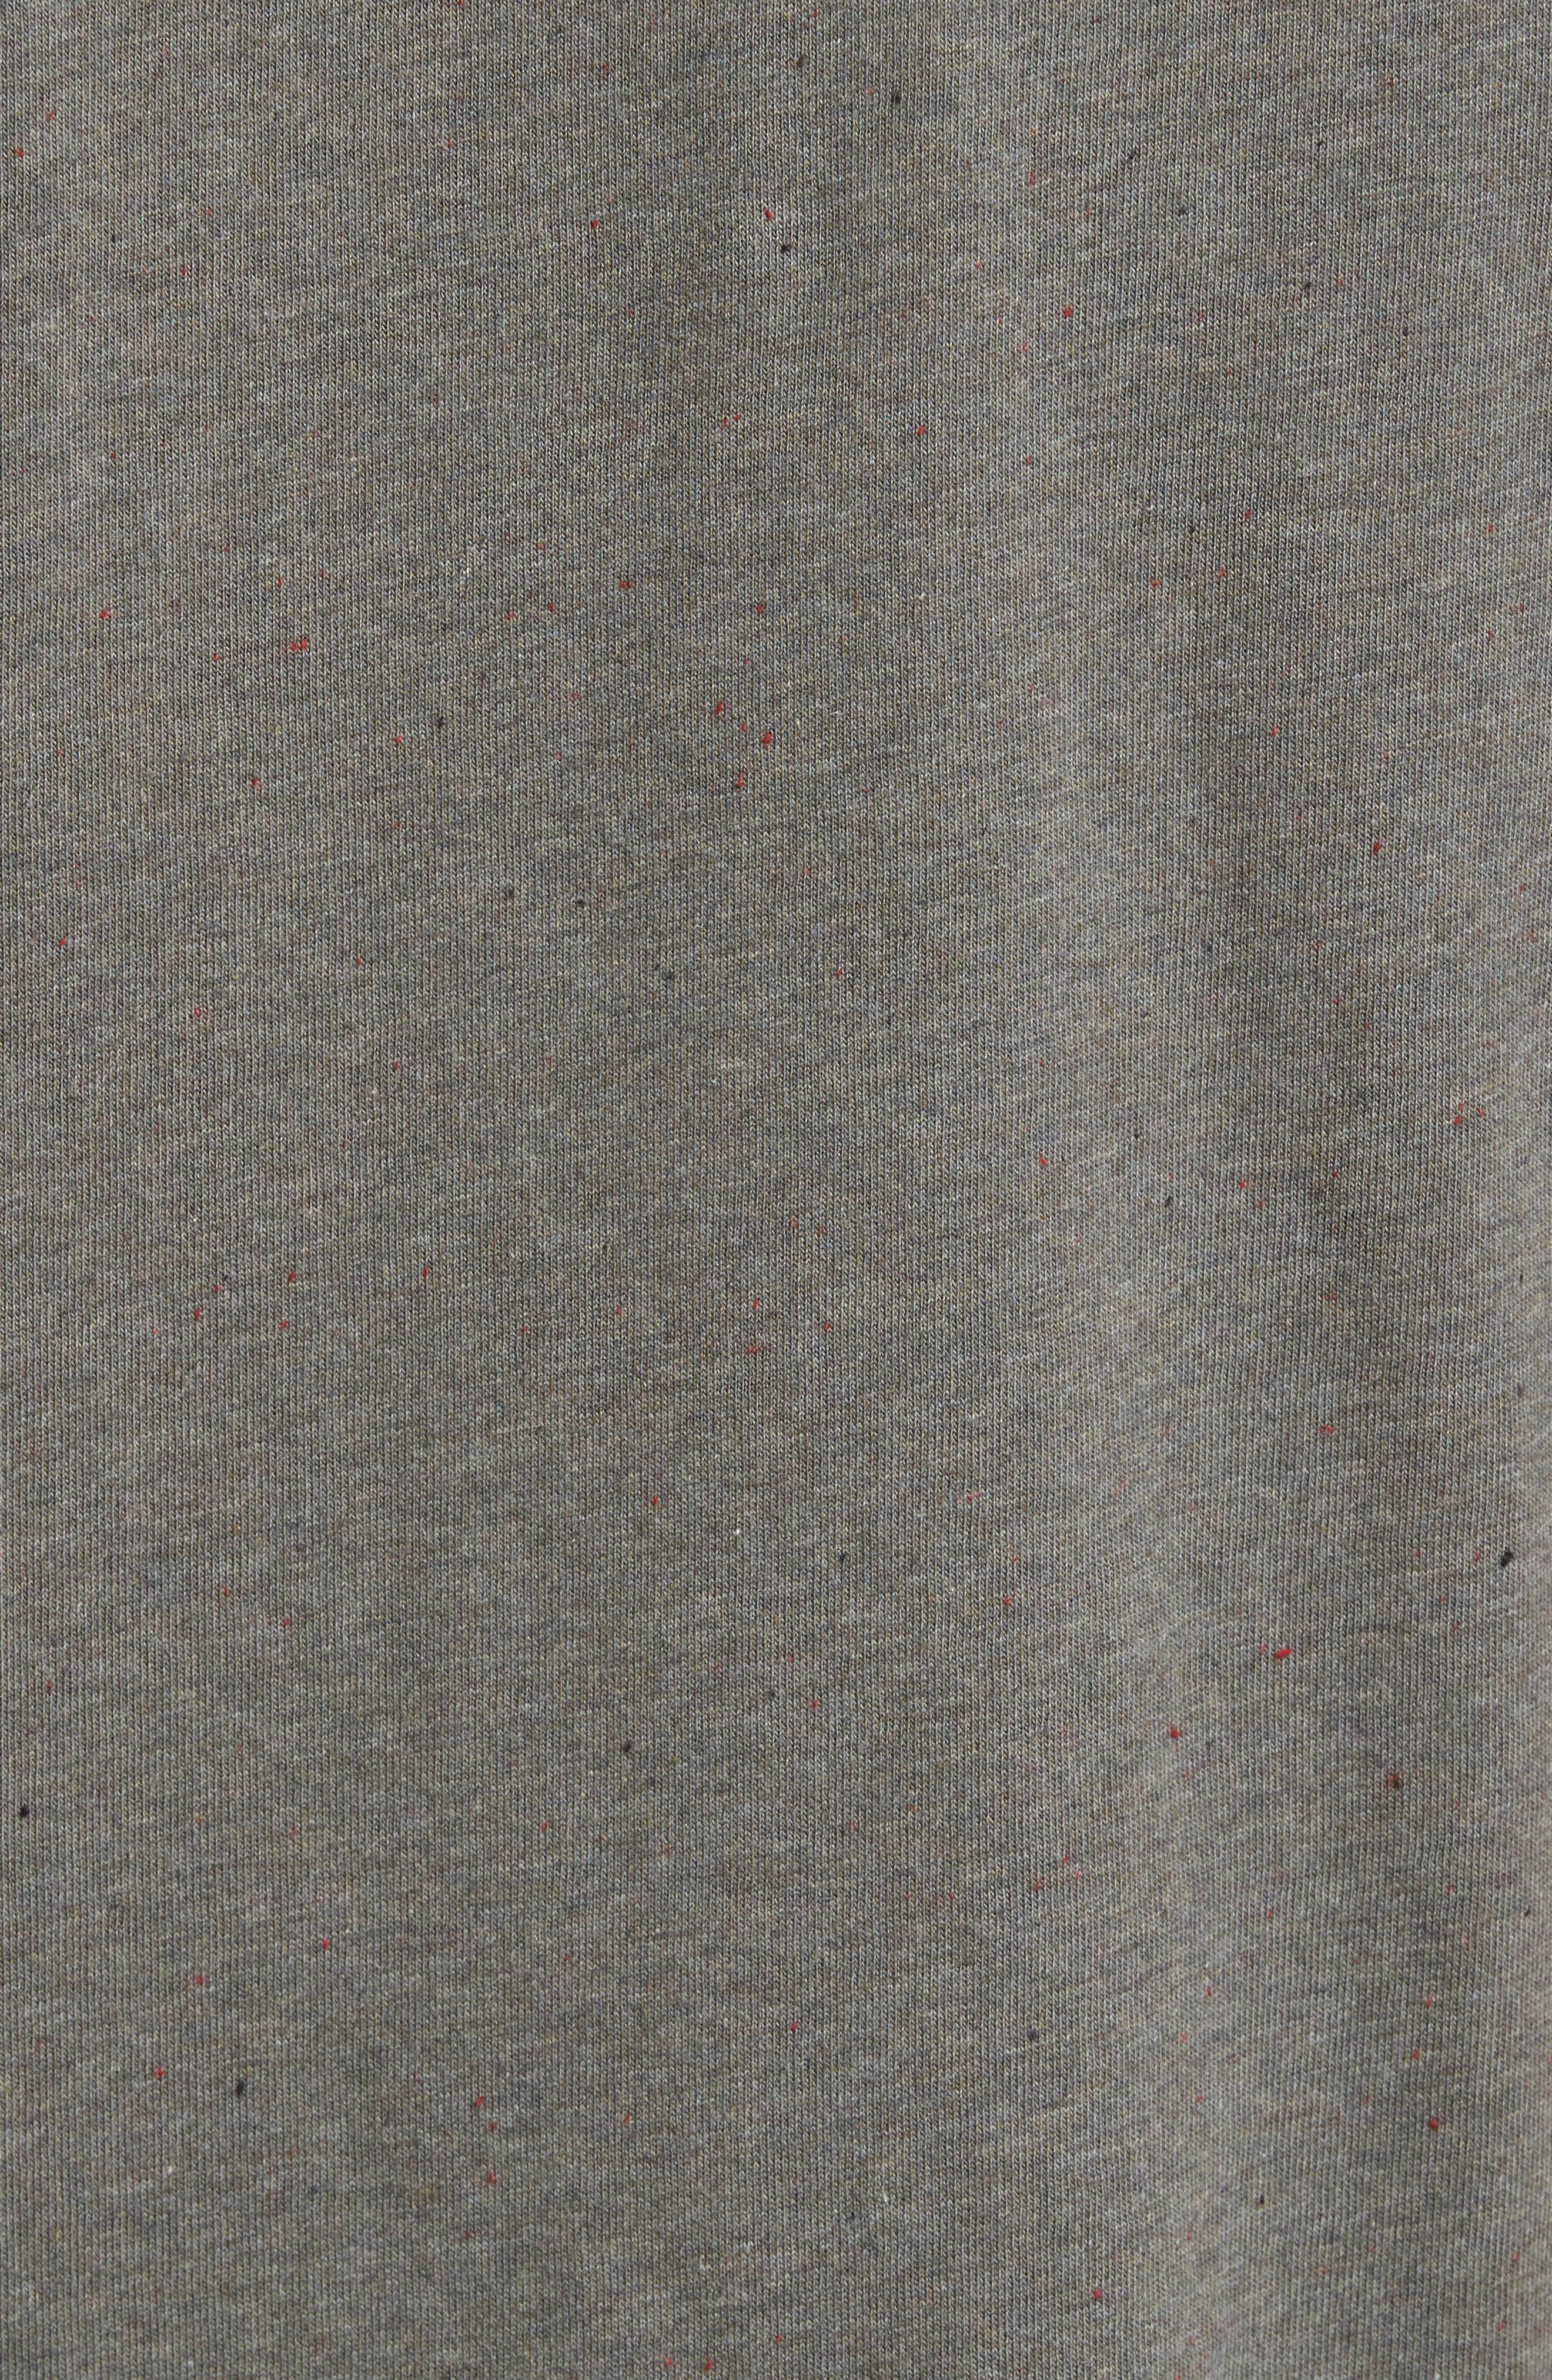 Future 2 T-Shirt,                             Alternate thumbnail 5, color,                             White/ Black